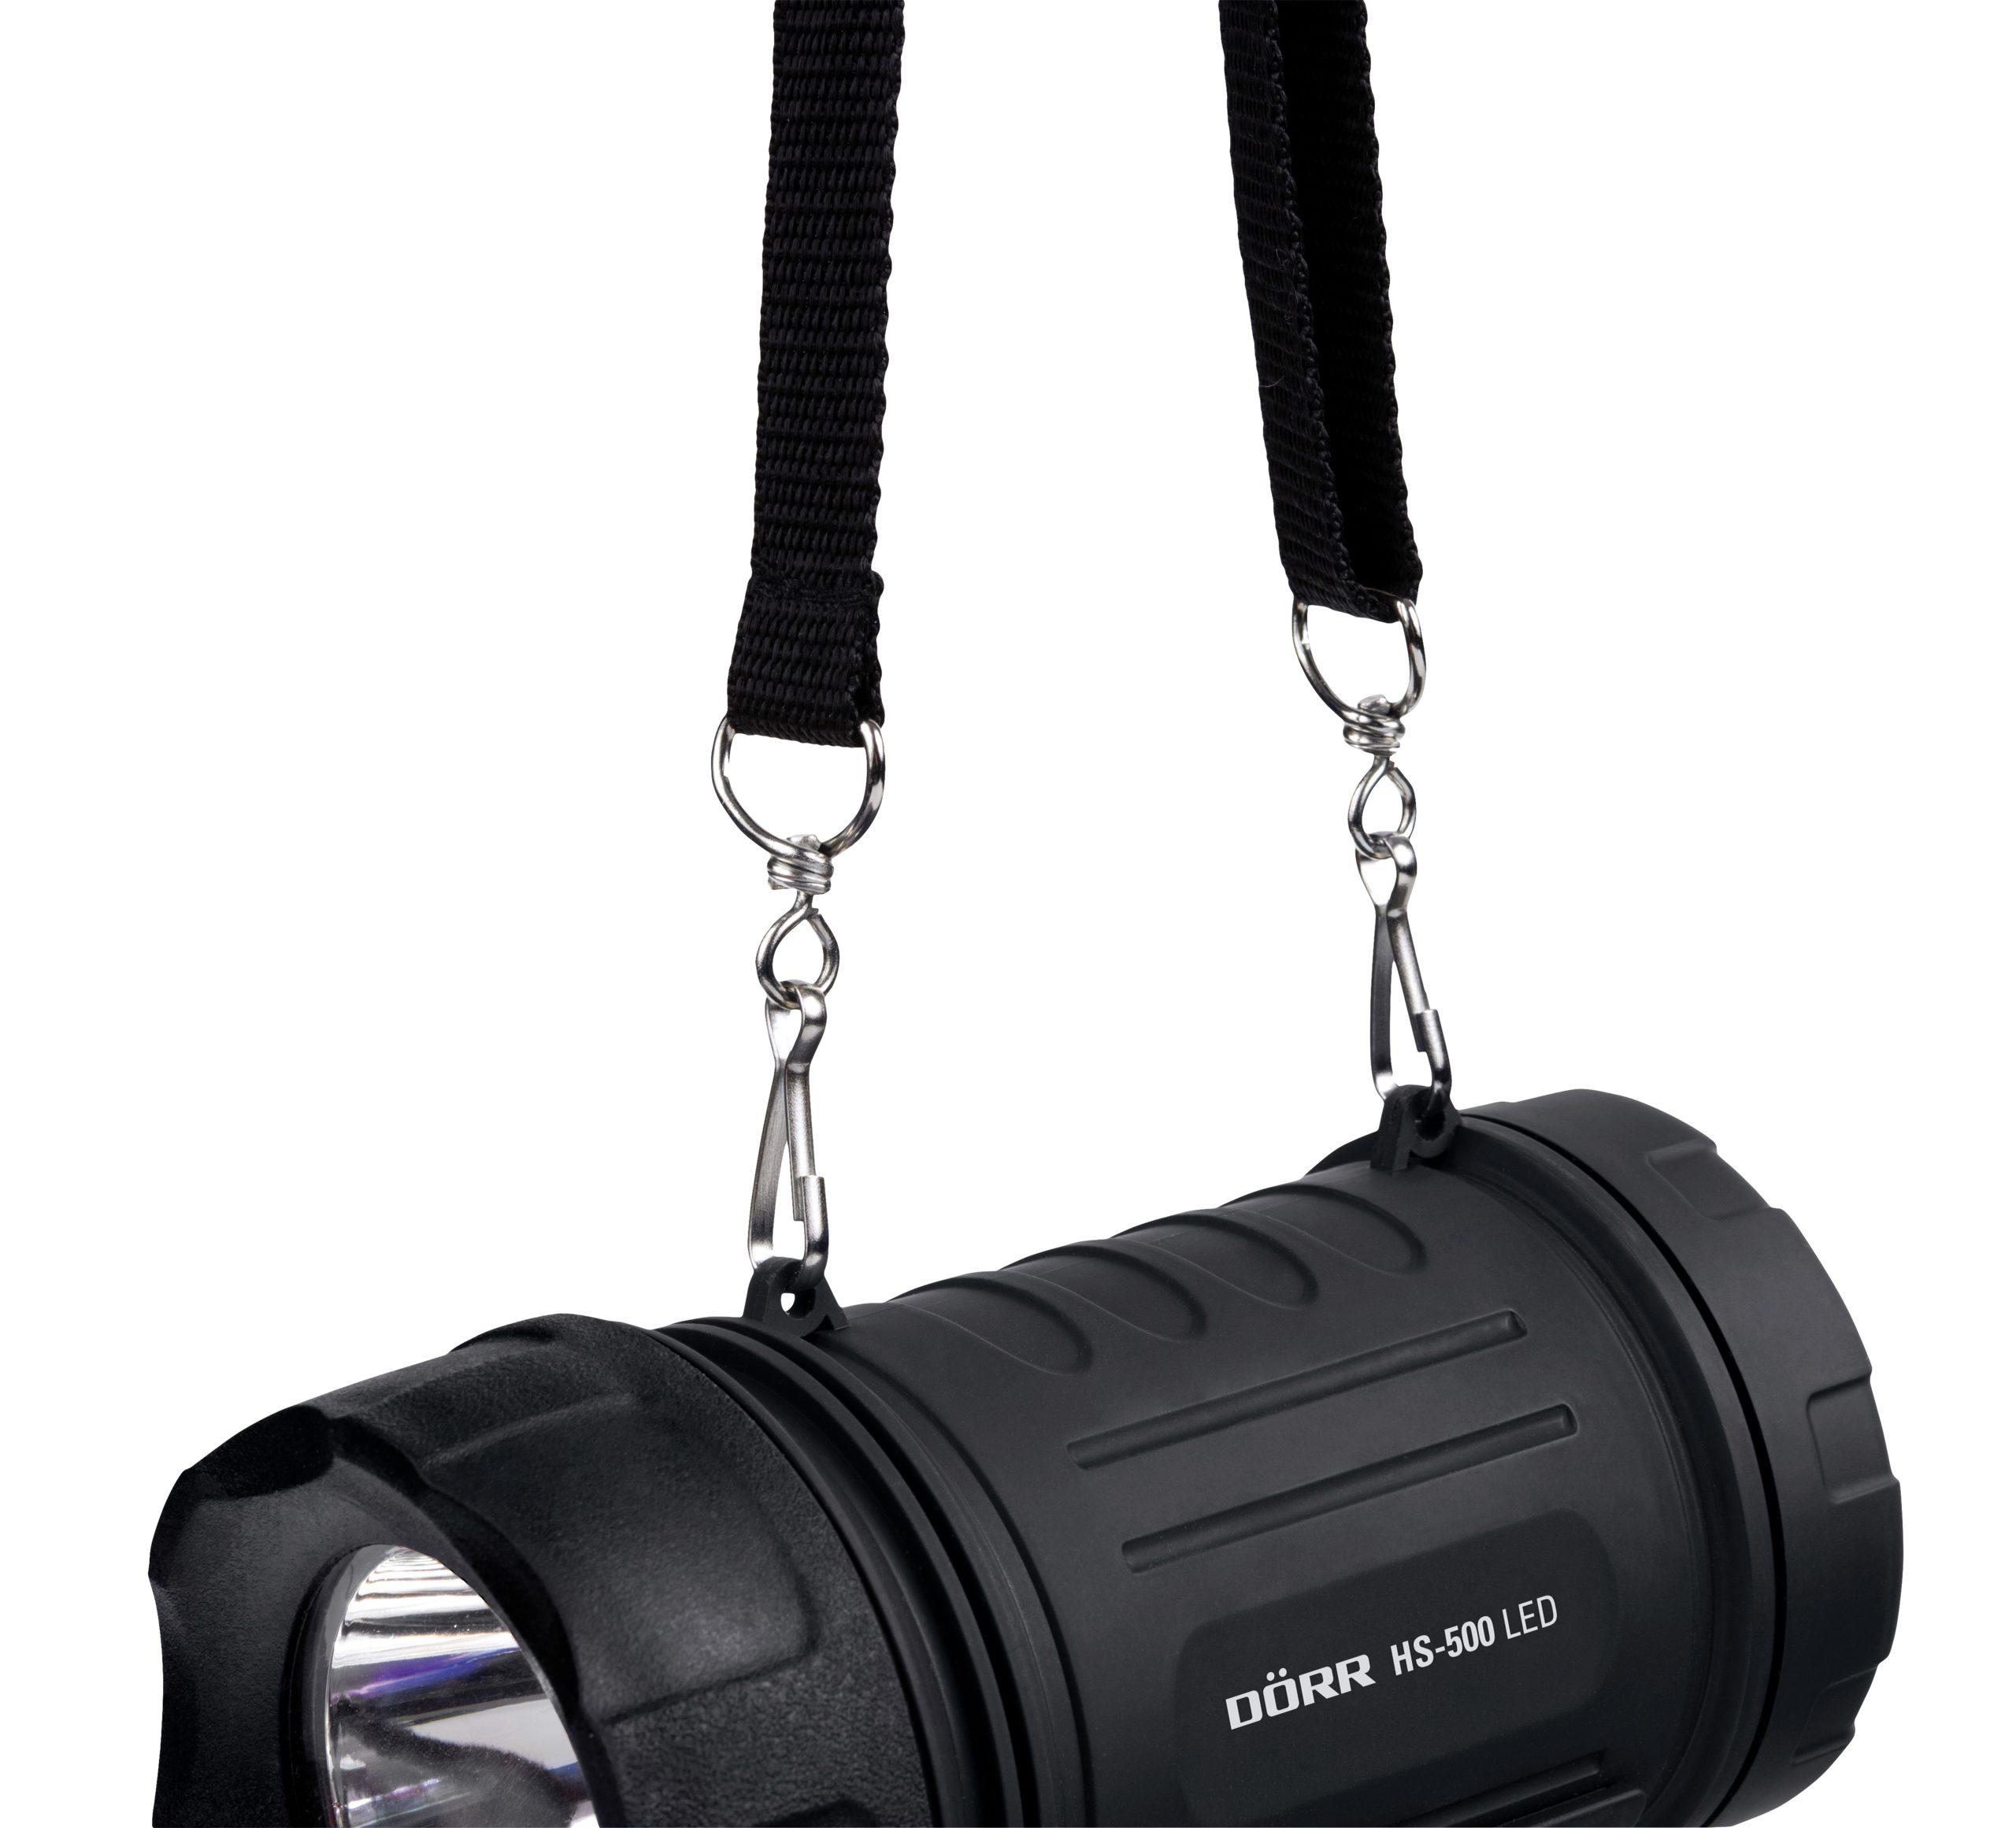 Lanterna pe leduri Dörr HS-500